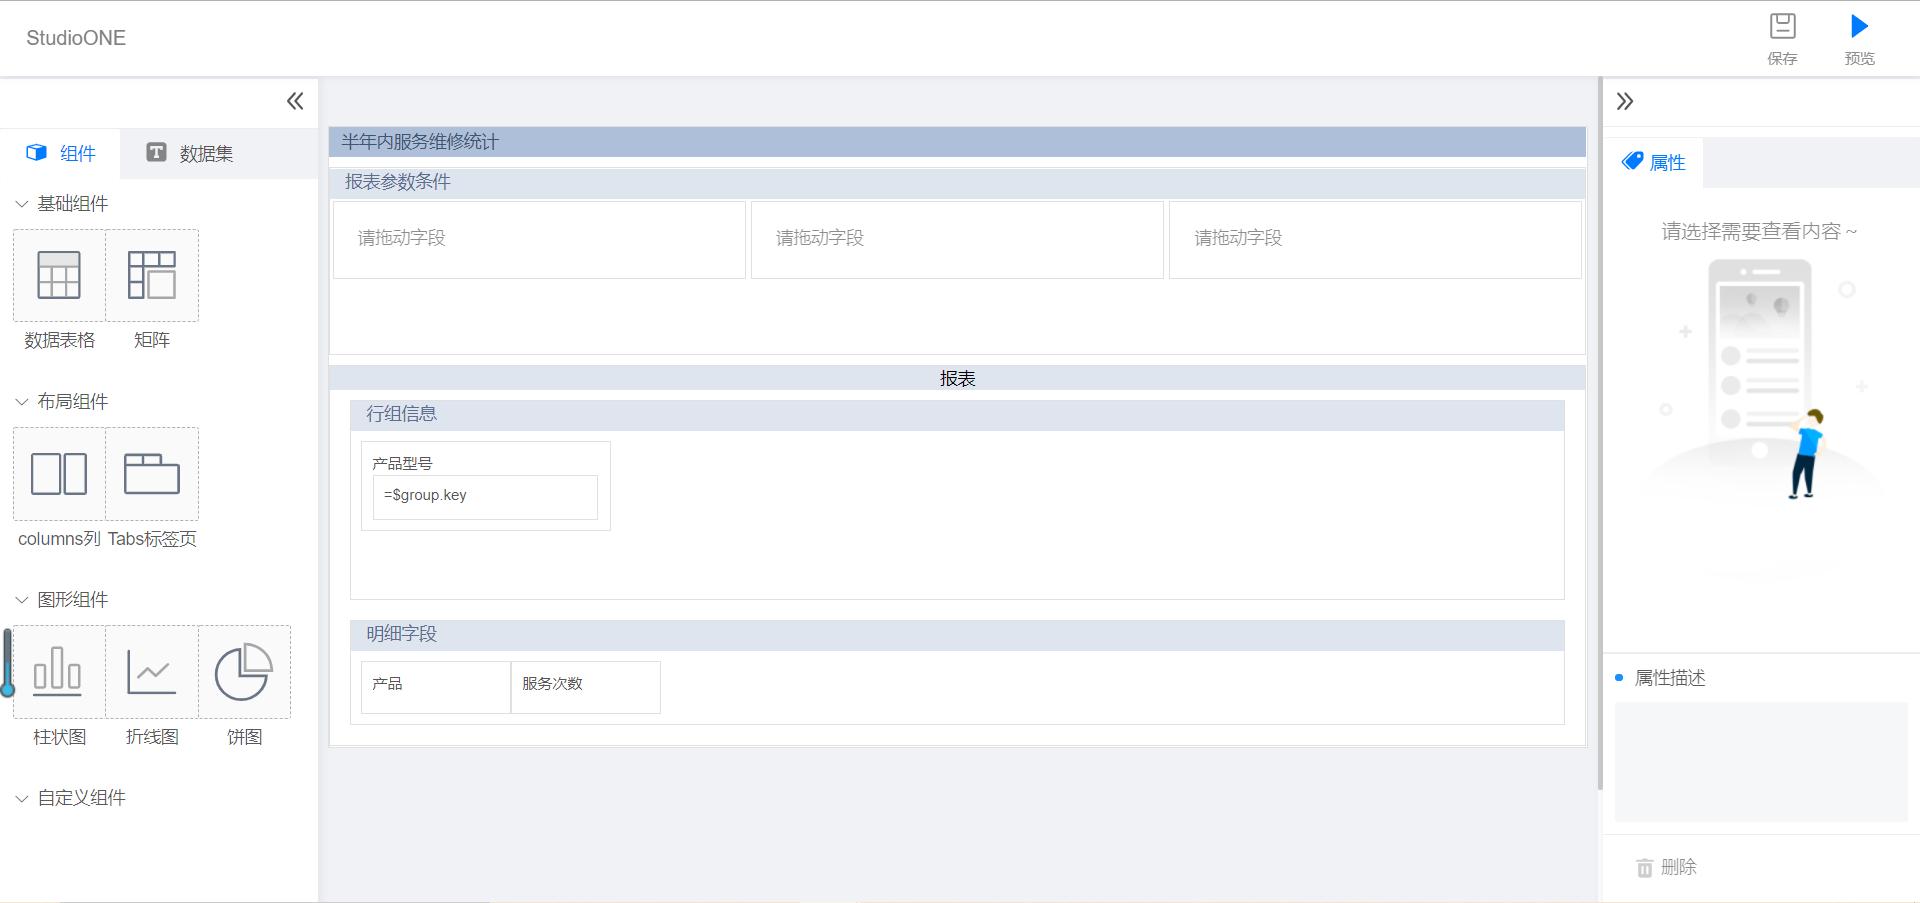 瑞云服务云报表设计器图.png